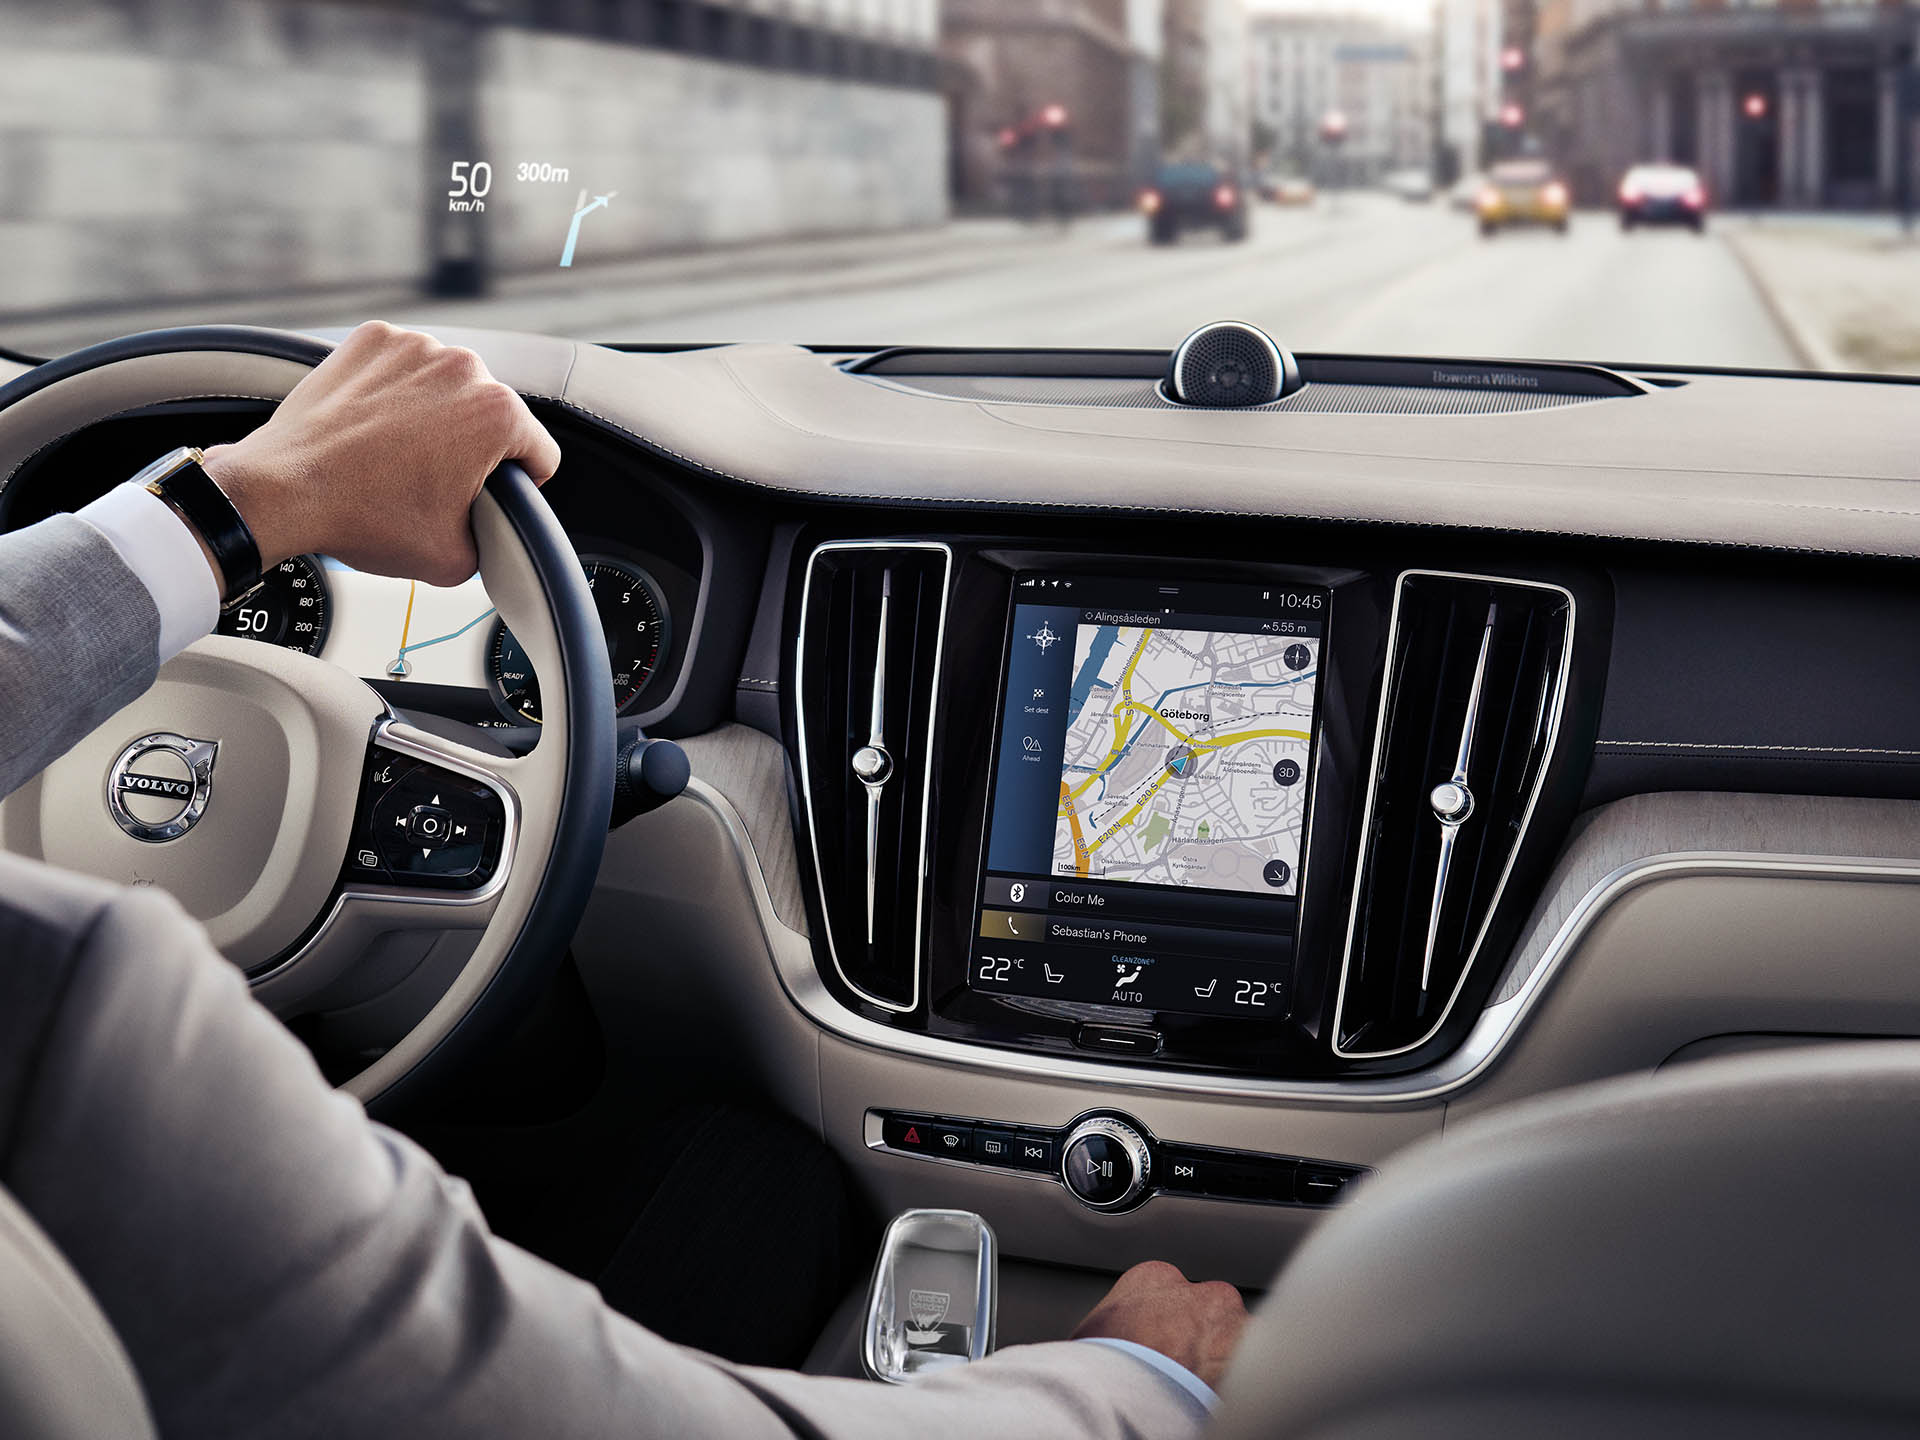 Interiér sedanu Volvo, muž jedoucí po silnici a využívající navigační systém